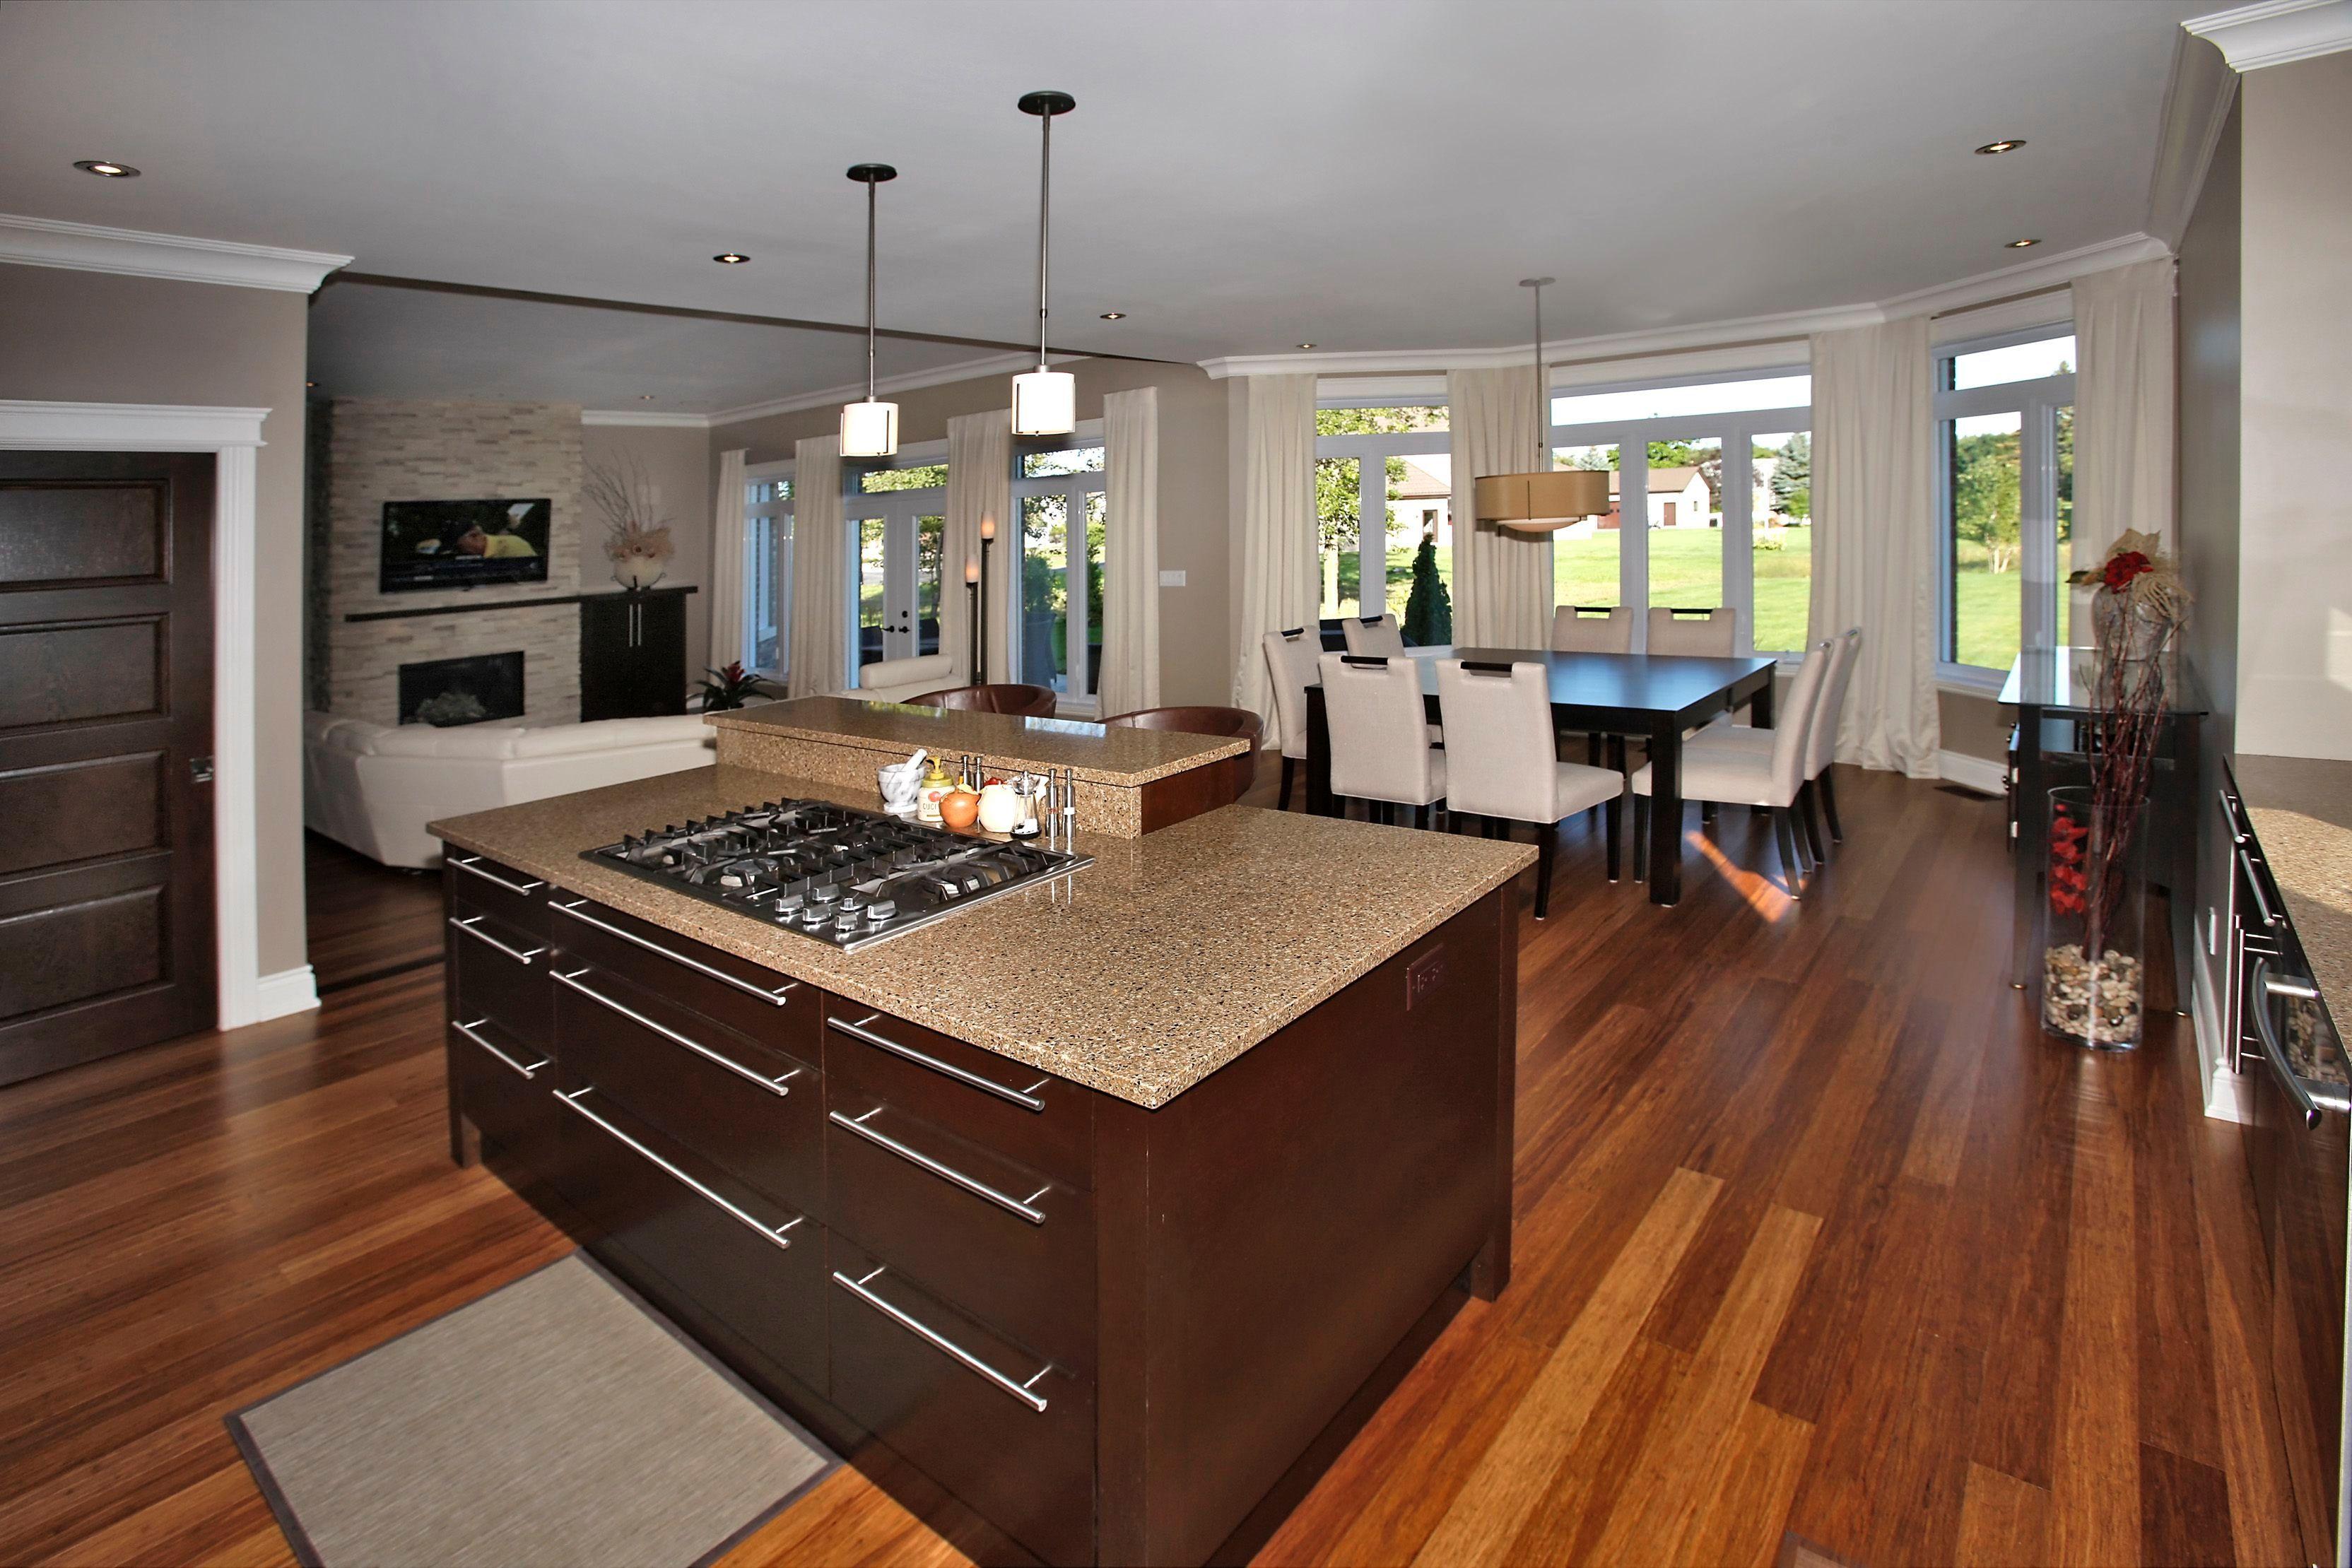 Salon Et Cuisine Aire Ouverte maison altamer - espaces, aire ouverte, grandes fenêtres